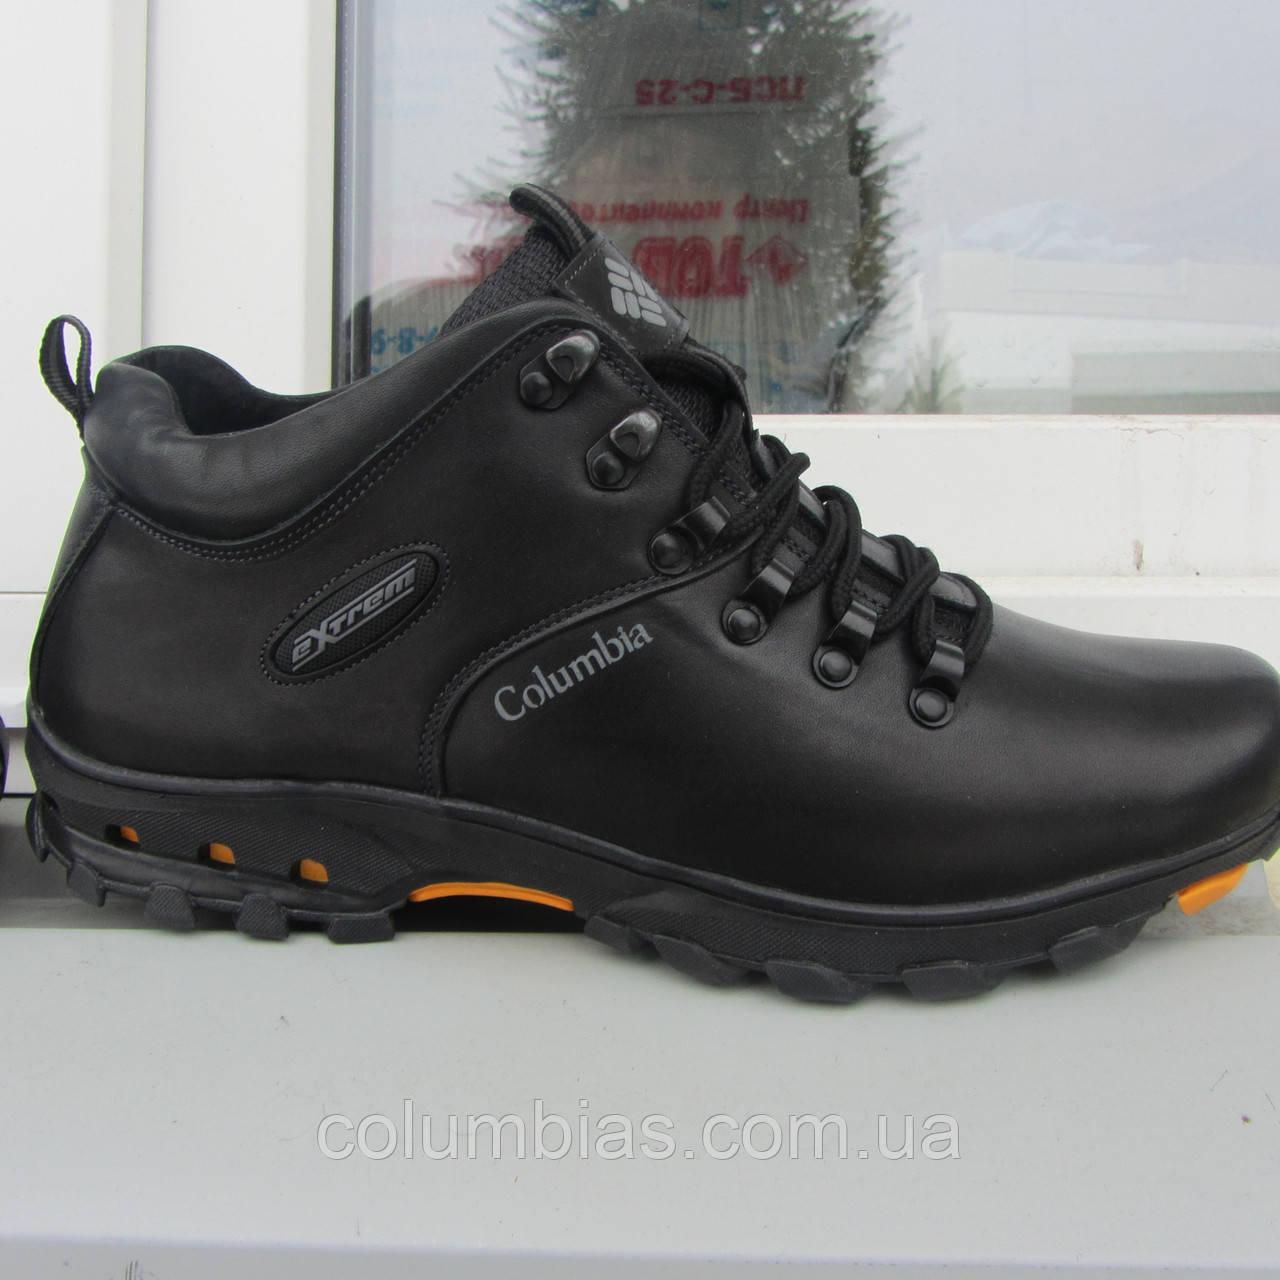 7e24afab Ботинки зимние Columbia 20-7: продажа, цена в Днепропетровской ...